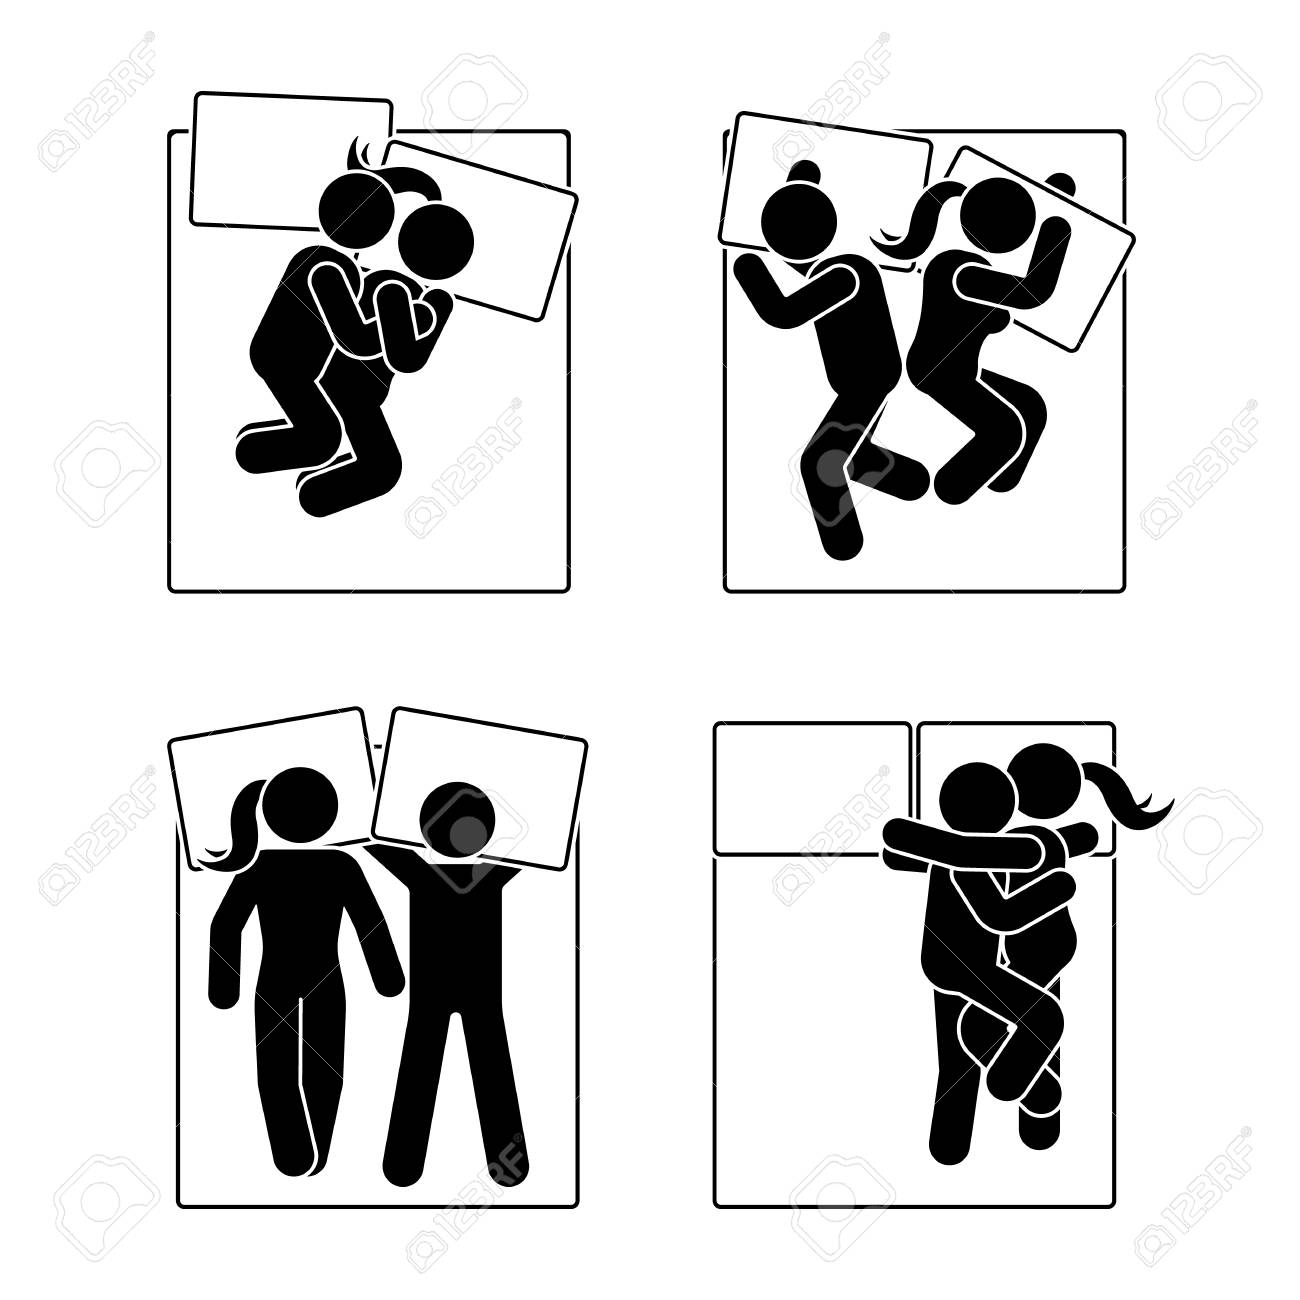 スティック図異なる睡眠の位置を設定します。別の夢を見てカップルの